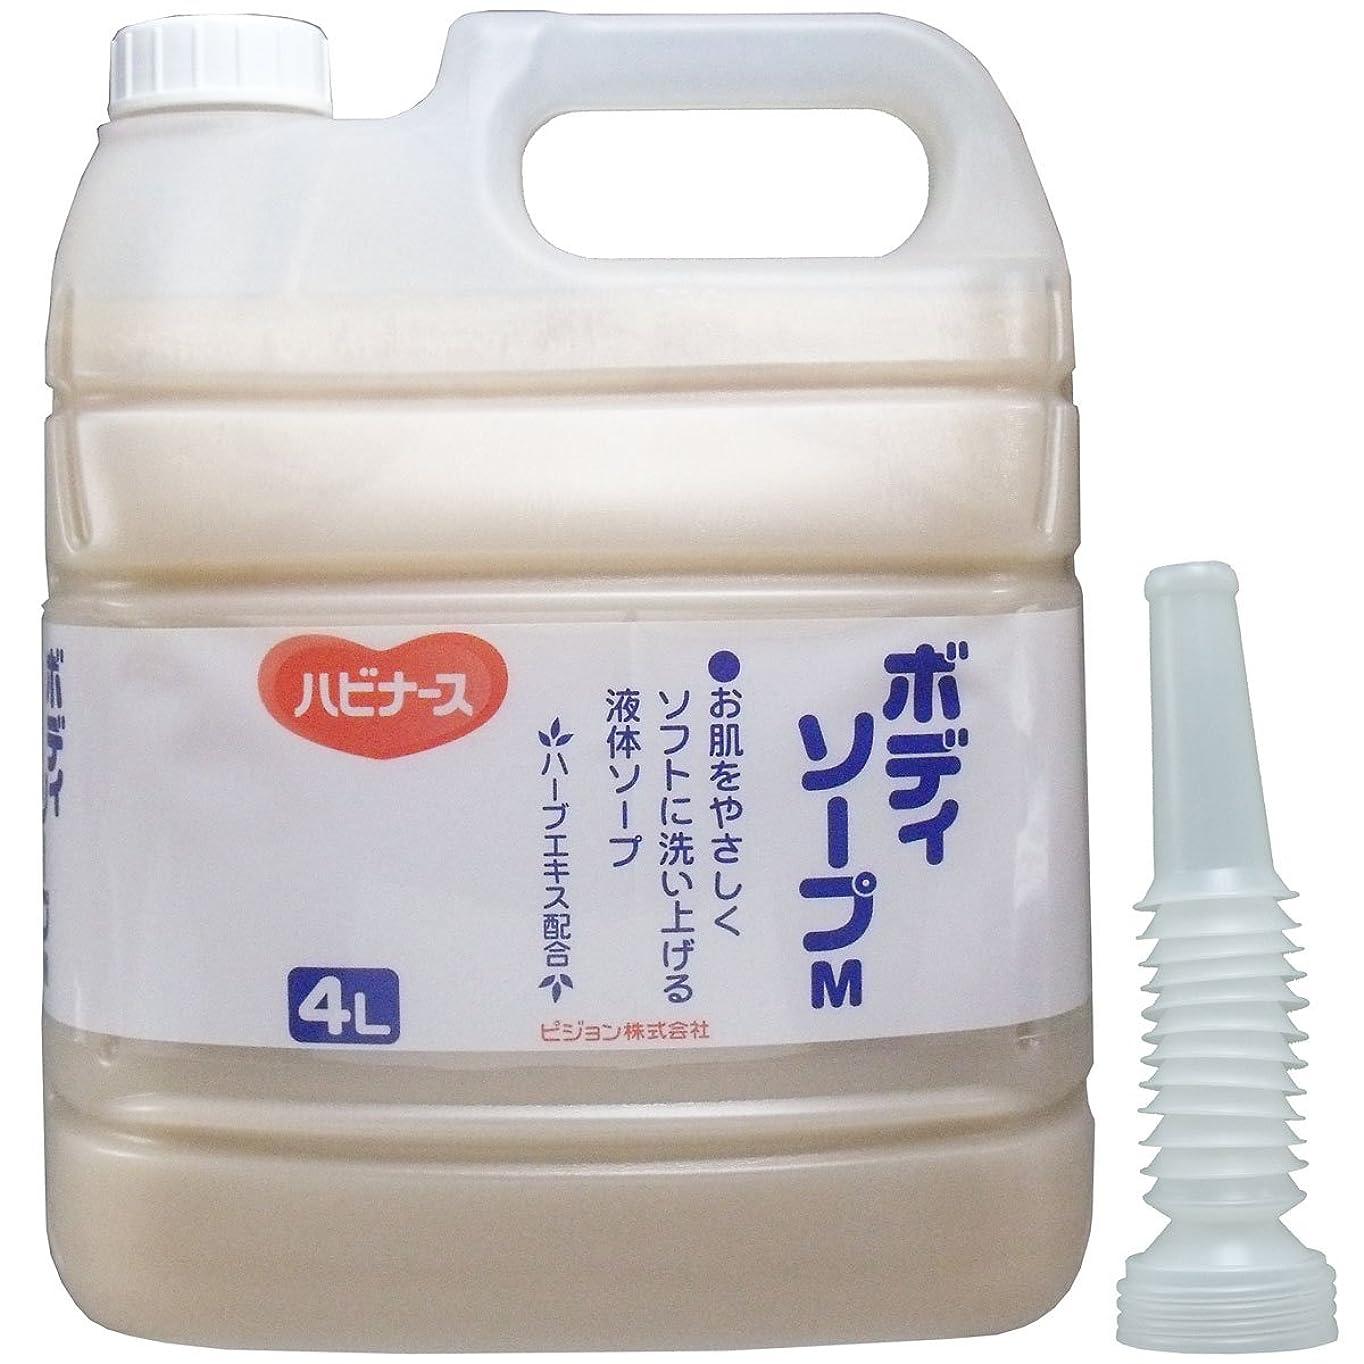 沈黙雄弁家ダニハビナース ボディソープM 業務用 4L【2個セット】